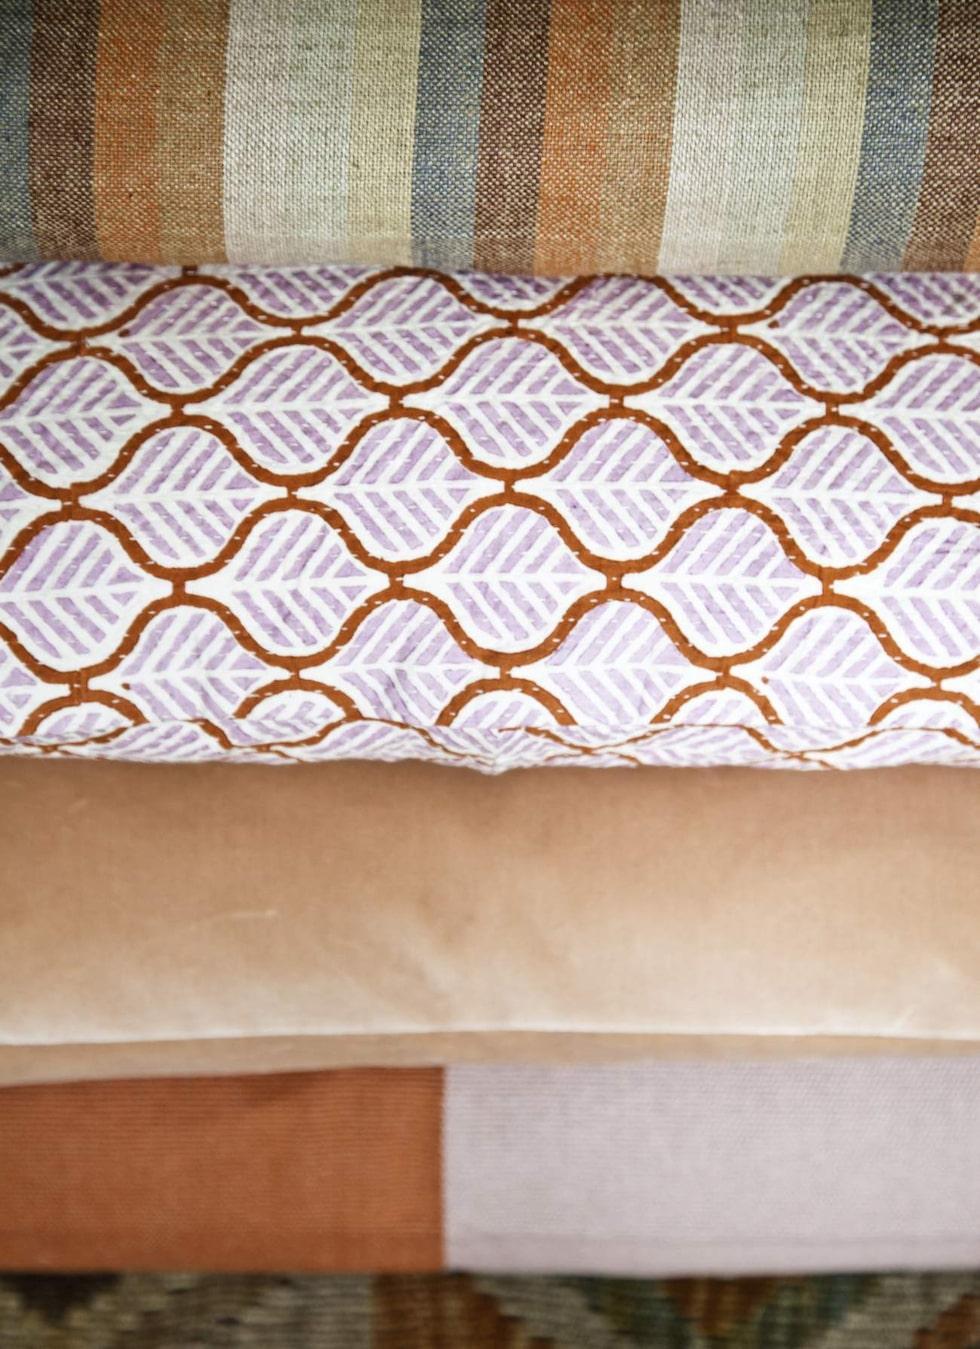 Detalj från kuddarna på golvet: Rutmönstrad kudde, 249 kronor, Afroart. Aprikosfärgad sammetskudde, 1 800 kronor, Garbo interiors. Sittkudde Bruce,  299 kronor, Linum.